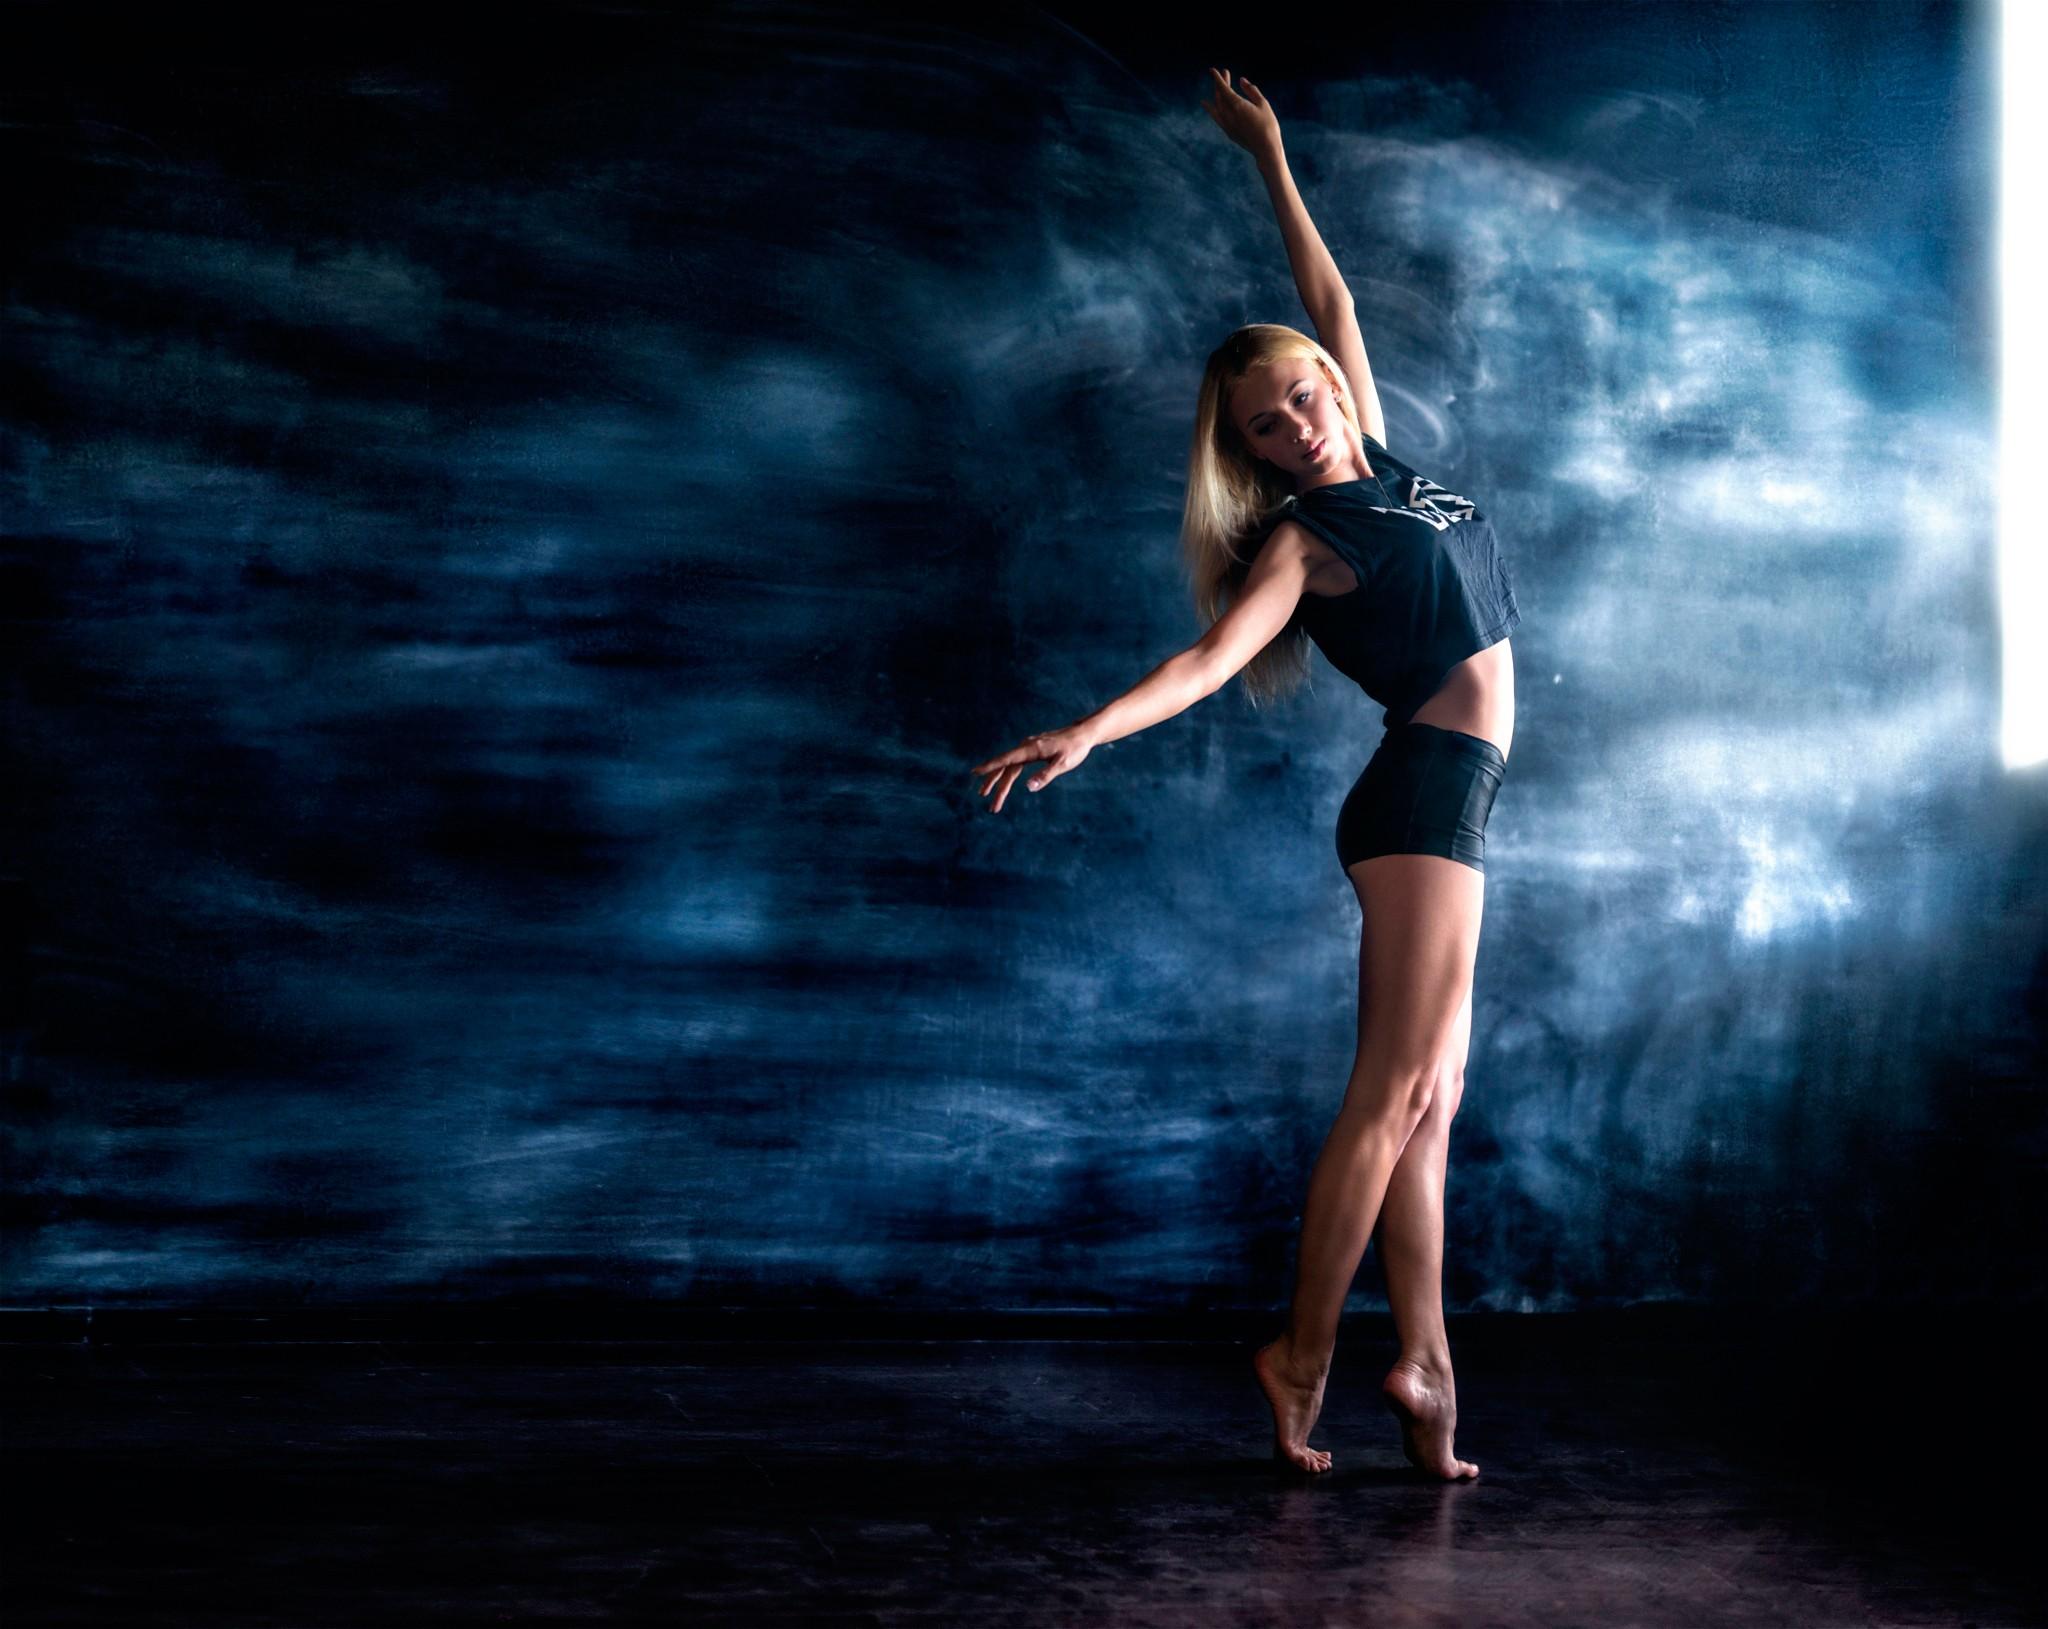 больше картинка когда девушка танцует то как она выглядит как была